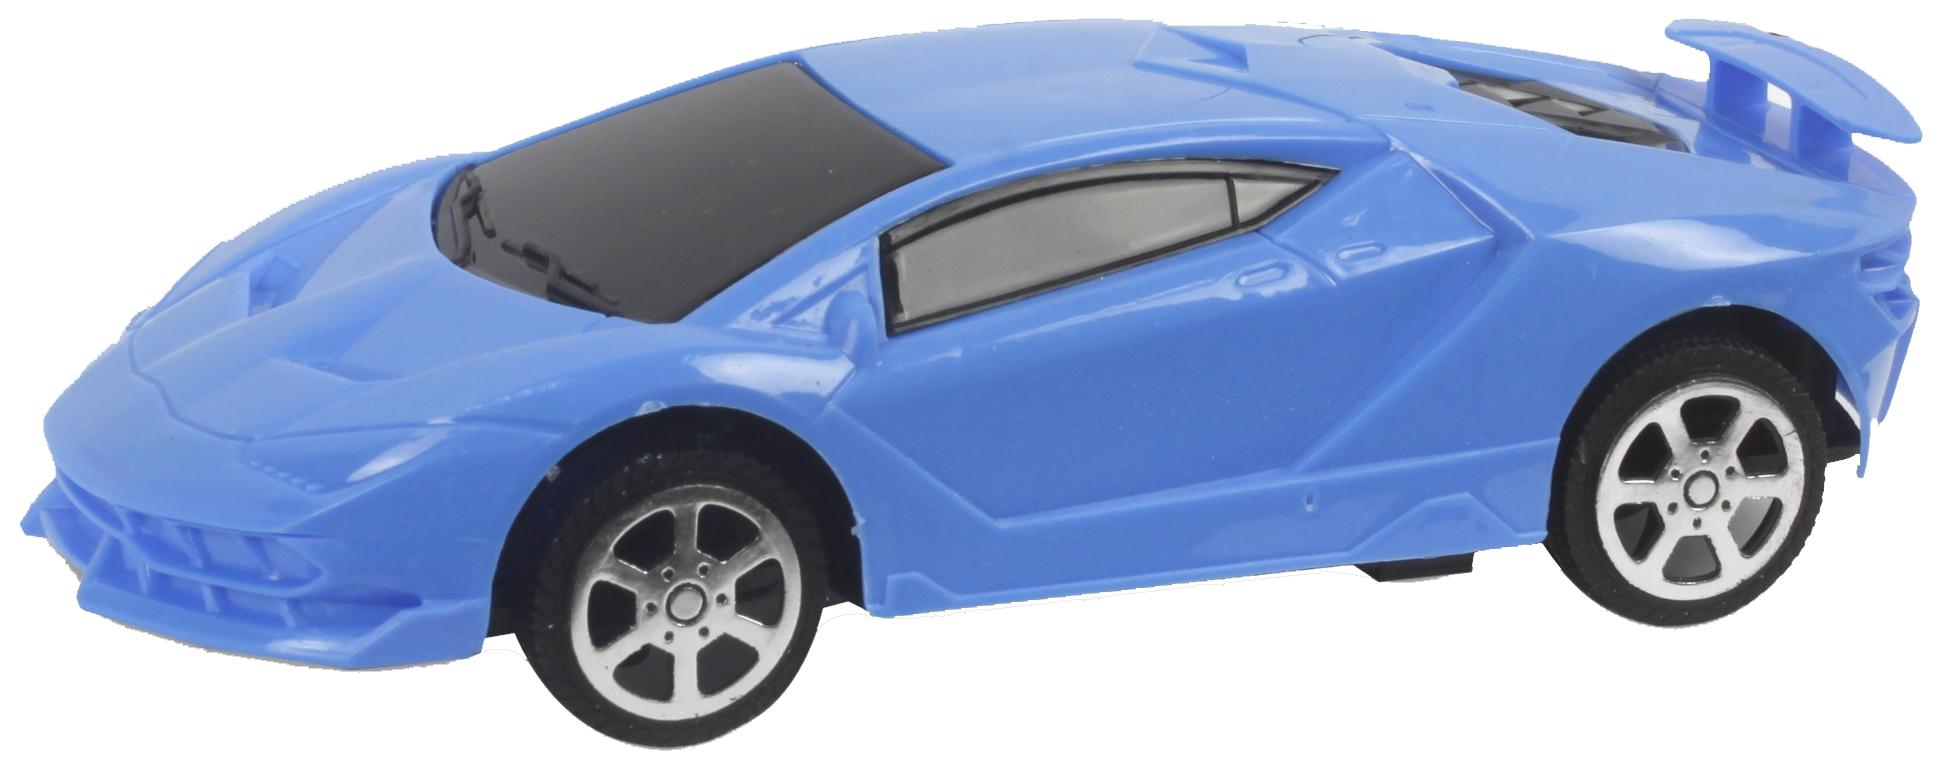 Радиоуправляемая машинка 1 Toy Спортавто Т13818 Синий